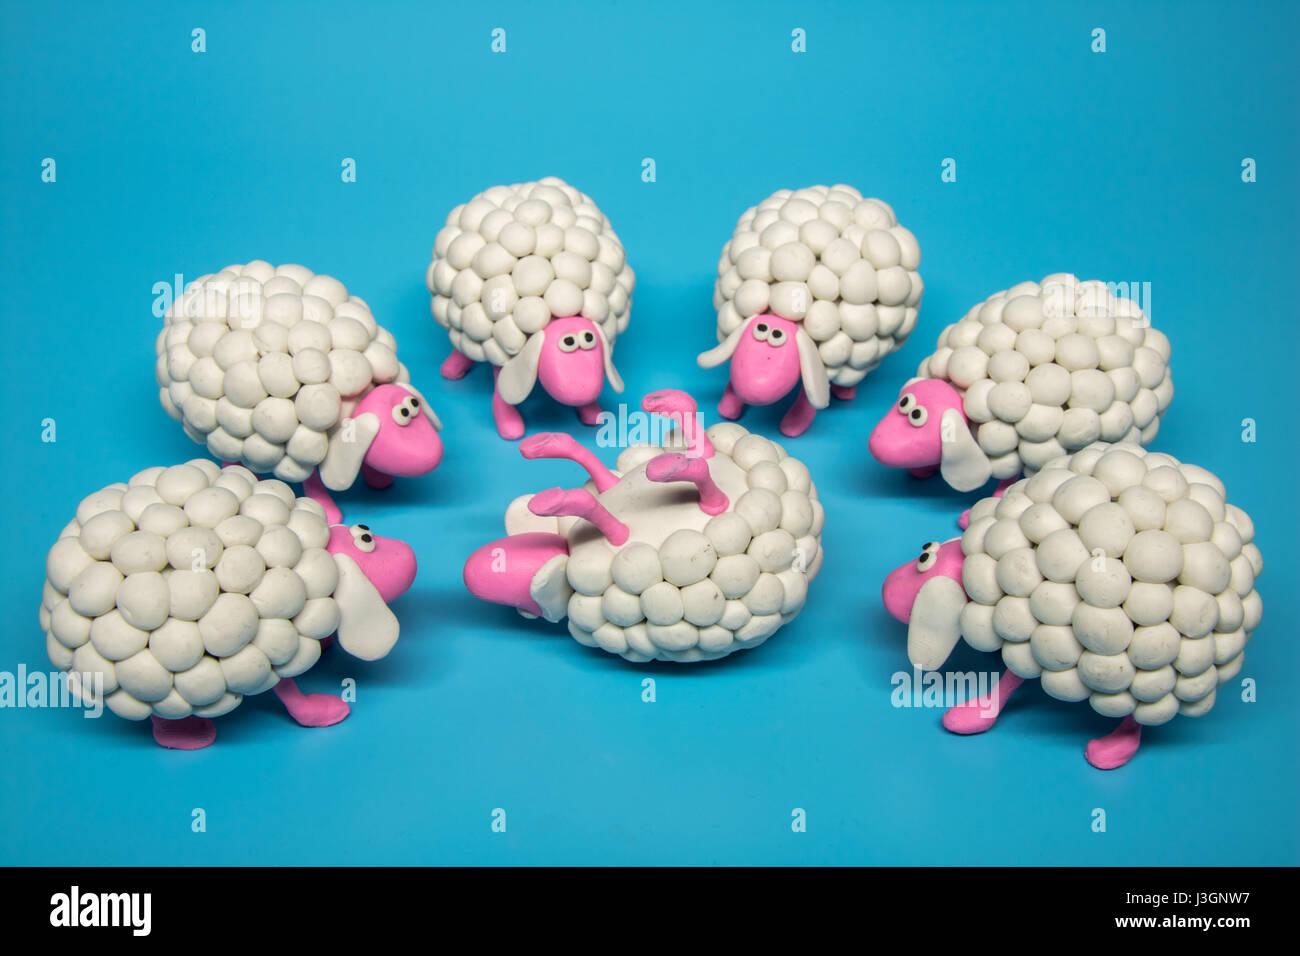 Konzept - eine Gruppe der weißen Schafe versammeln sich im Kreis um ein einzelnes weißes Schaf, liegend Stockbild